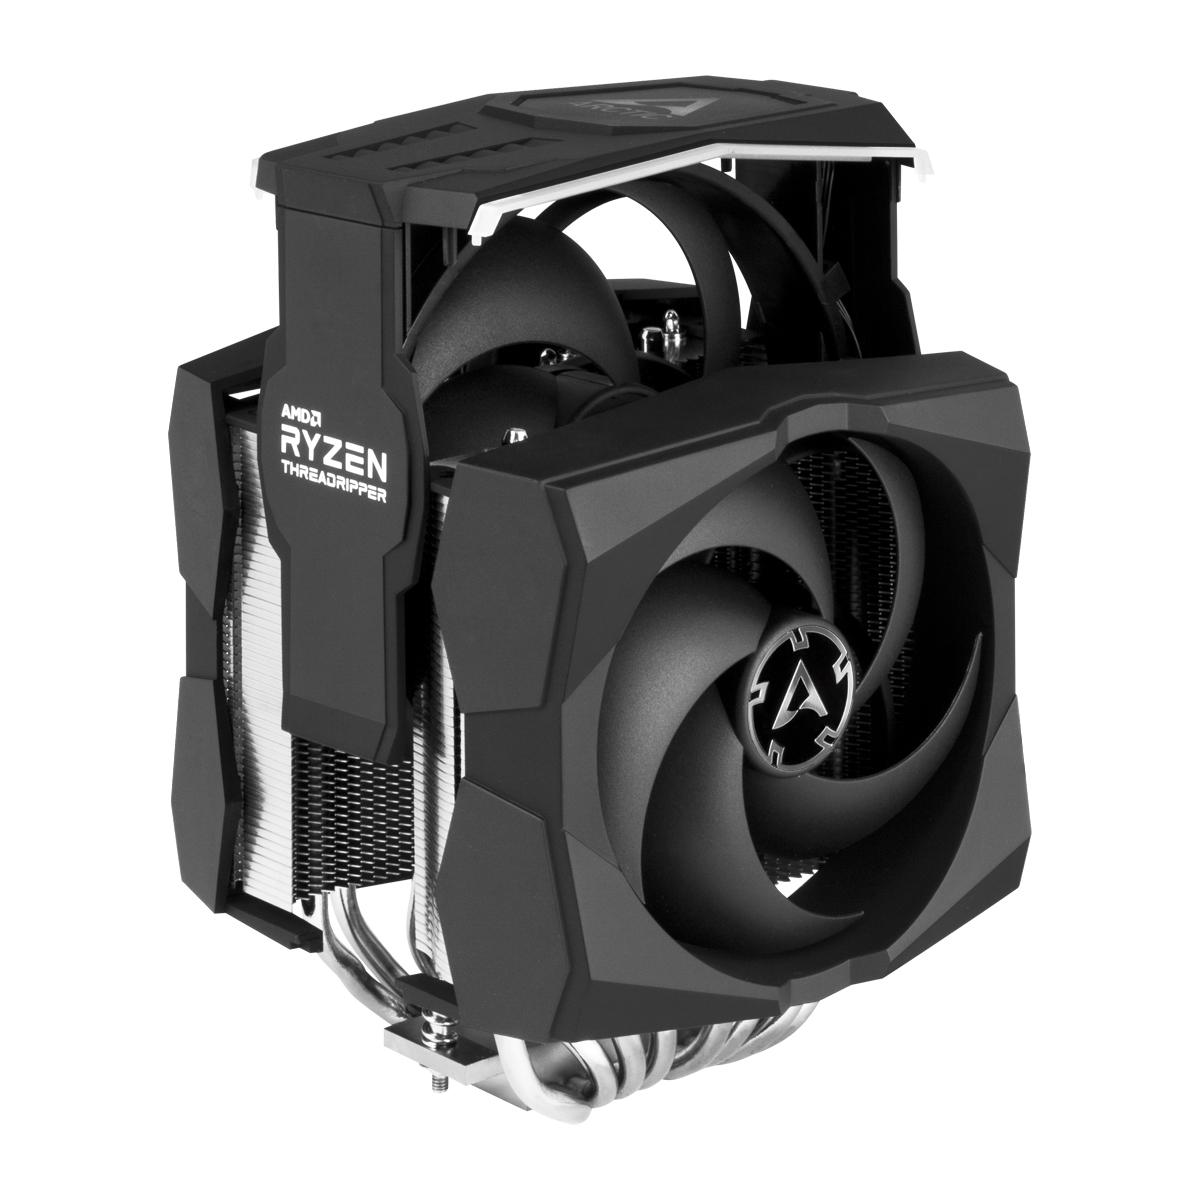 Dual Tower CPU-Kühler für AMD Ryzen™ Threadripper™ ARCTIC Freezer 50 TR Detailansicht eingesteckter 140 mm Lüfter